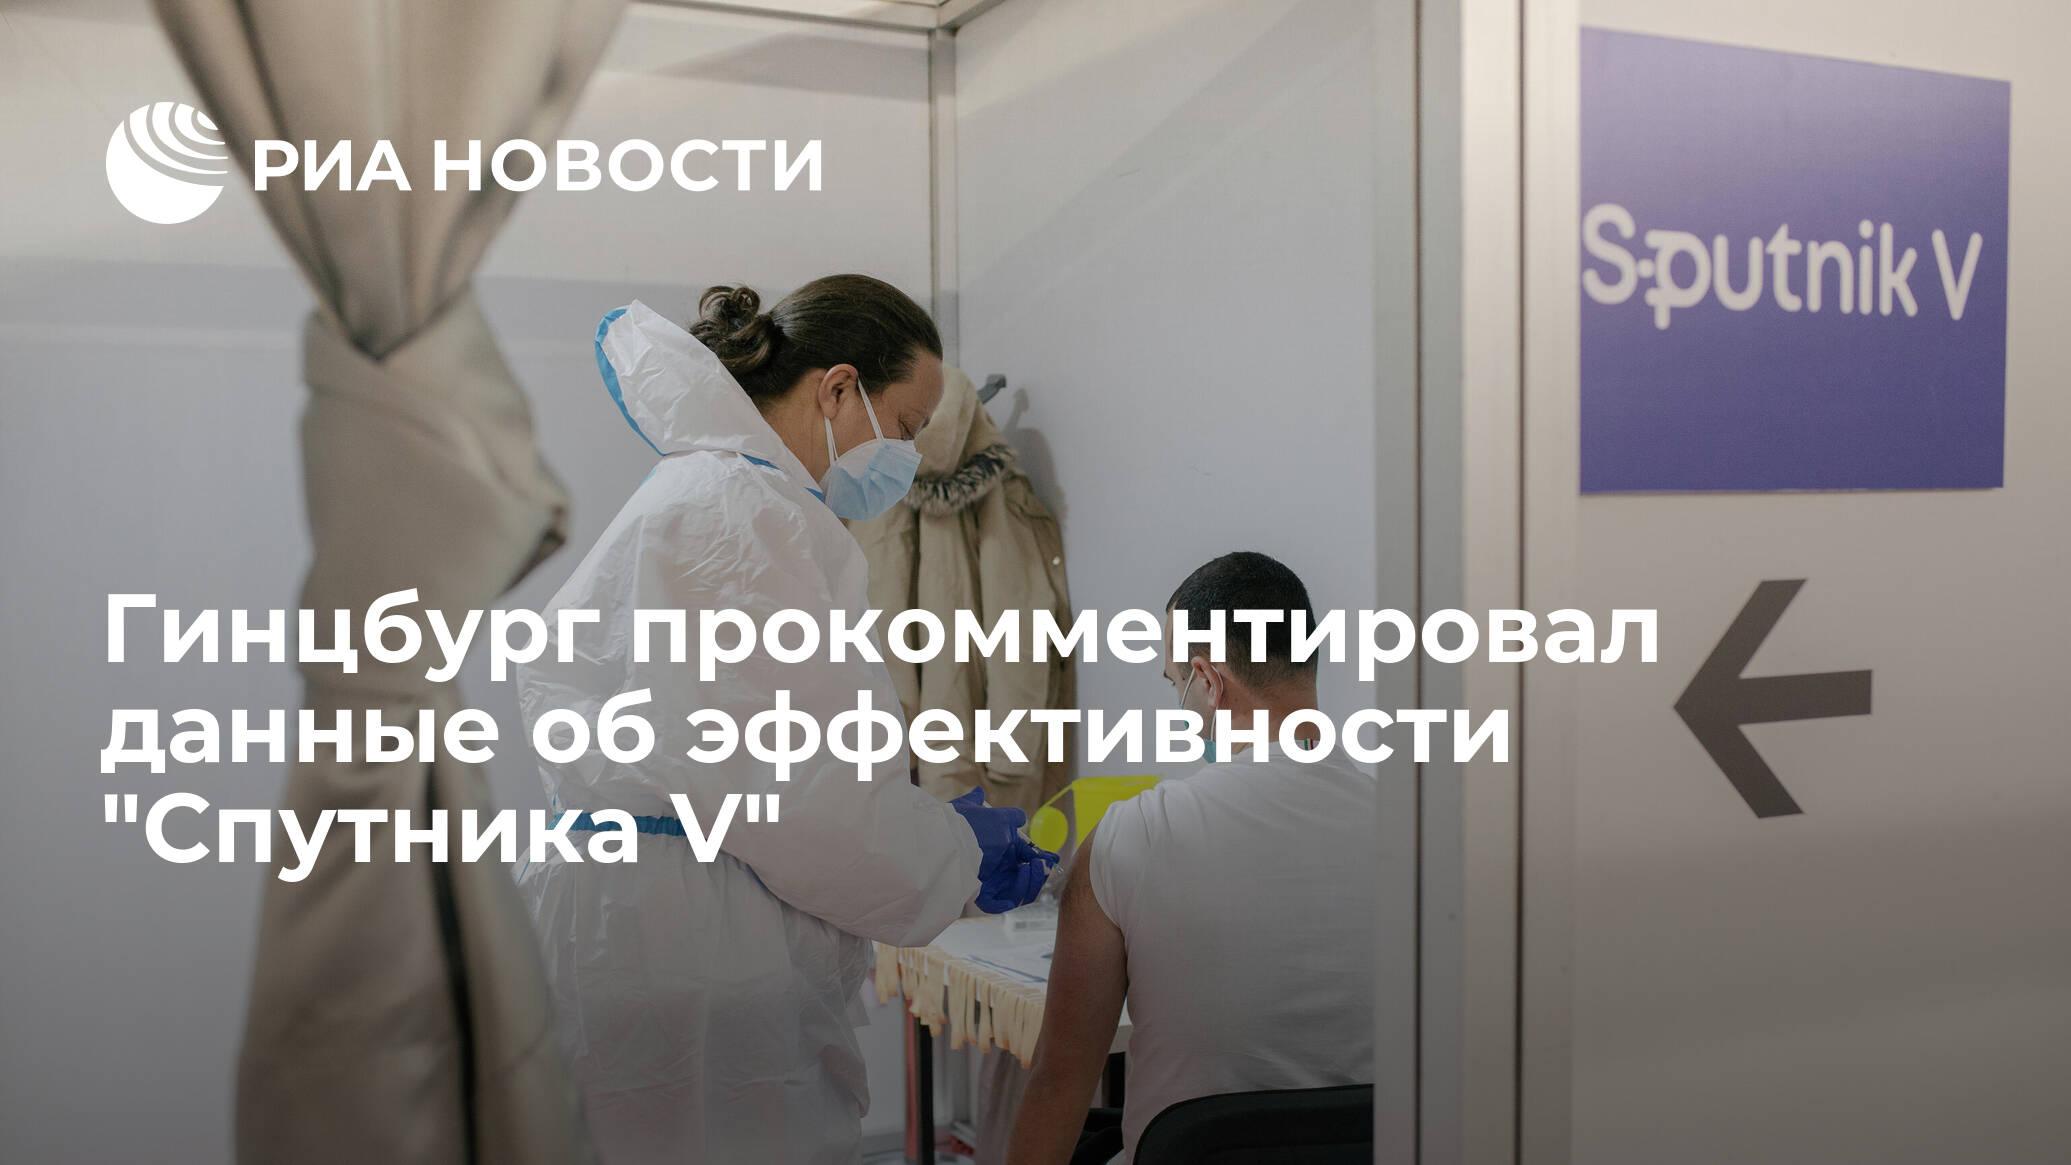 """Гинцбург прокомментировал данные об эффективности """"Спутника V"""""""